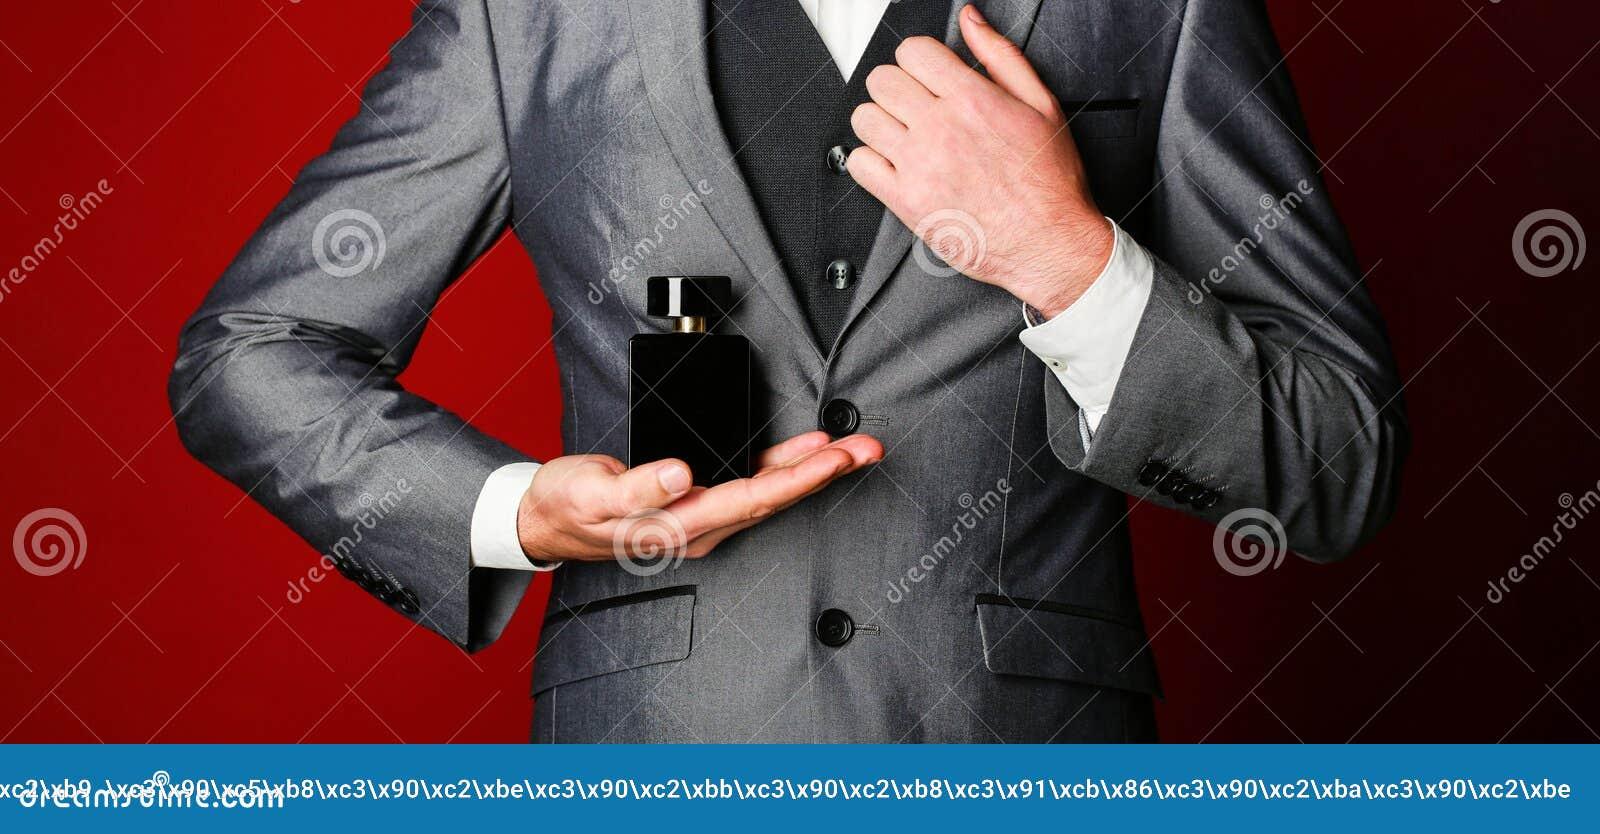 人香水,芬芳 男性香水 香水或科隆香水瓶 男性芬芳和香料厂,化妆用品 博若莱红葡萄酒